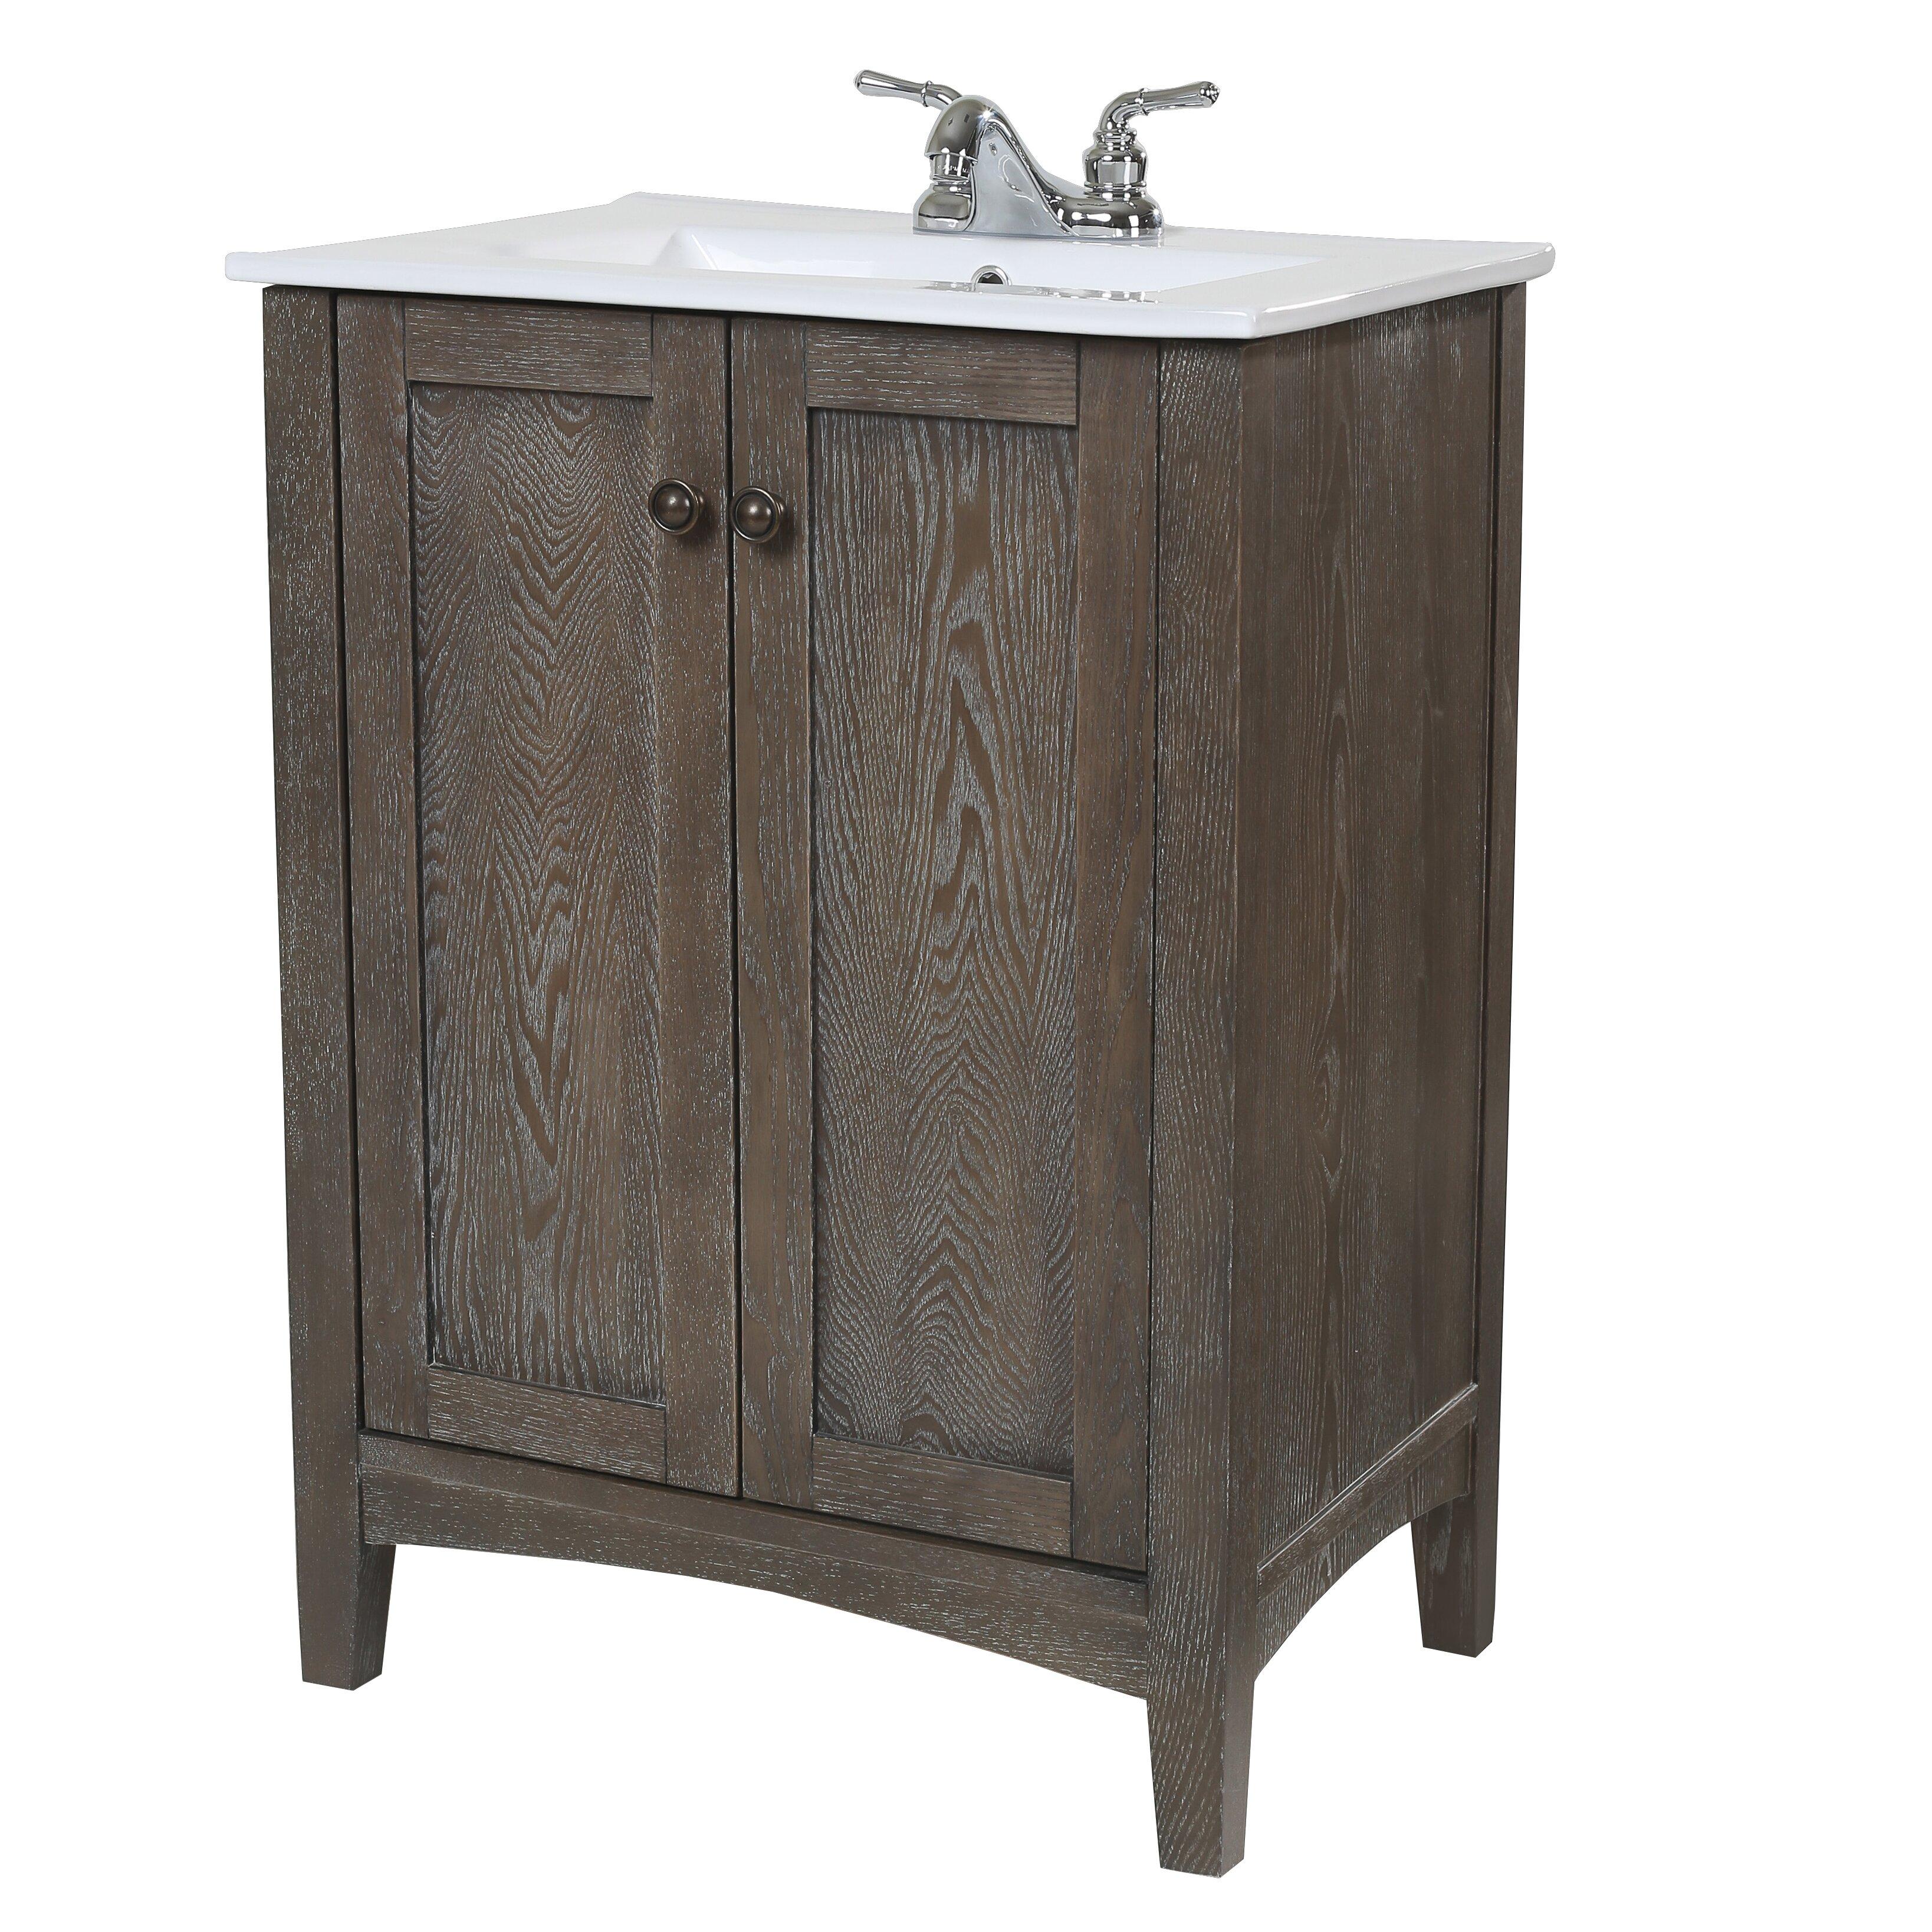 elegant lighting danville 24 single bathroom vanity set reviews wayfair